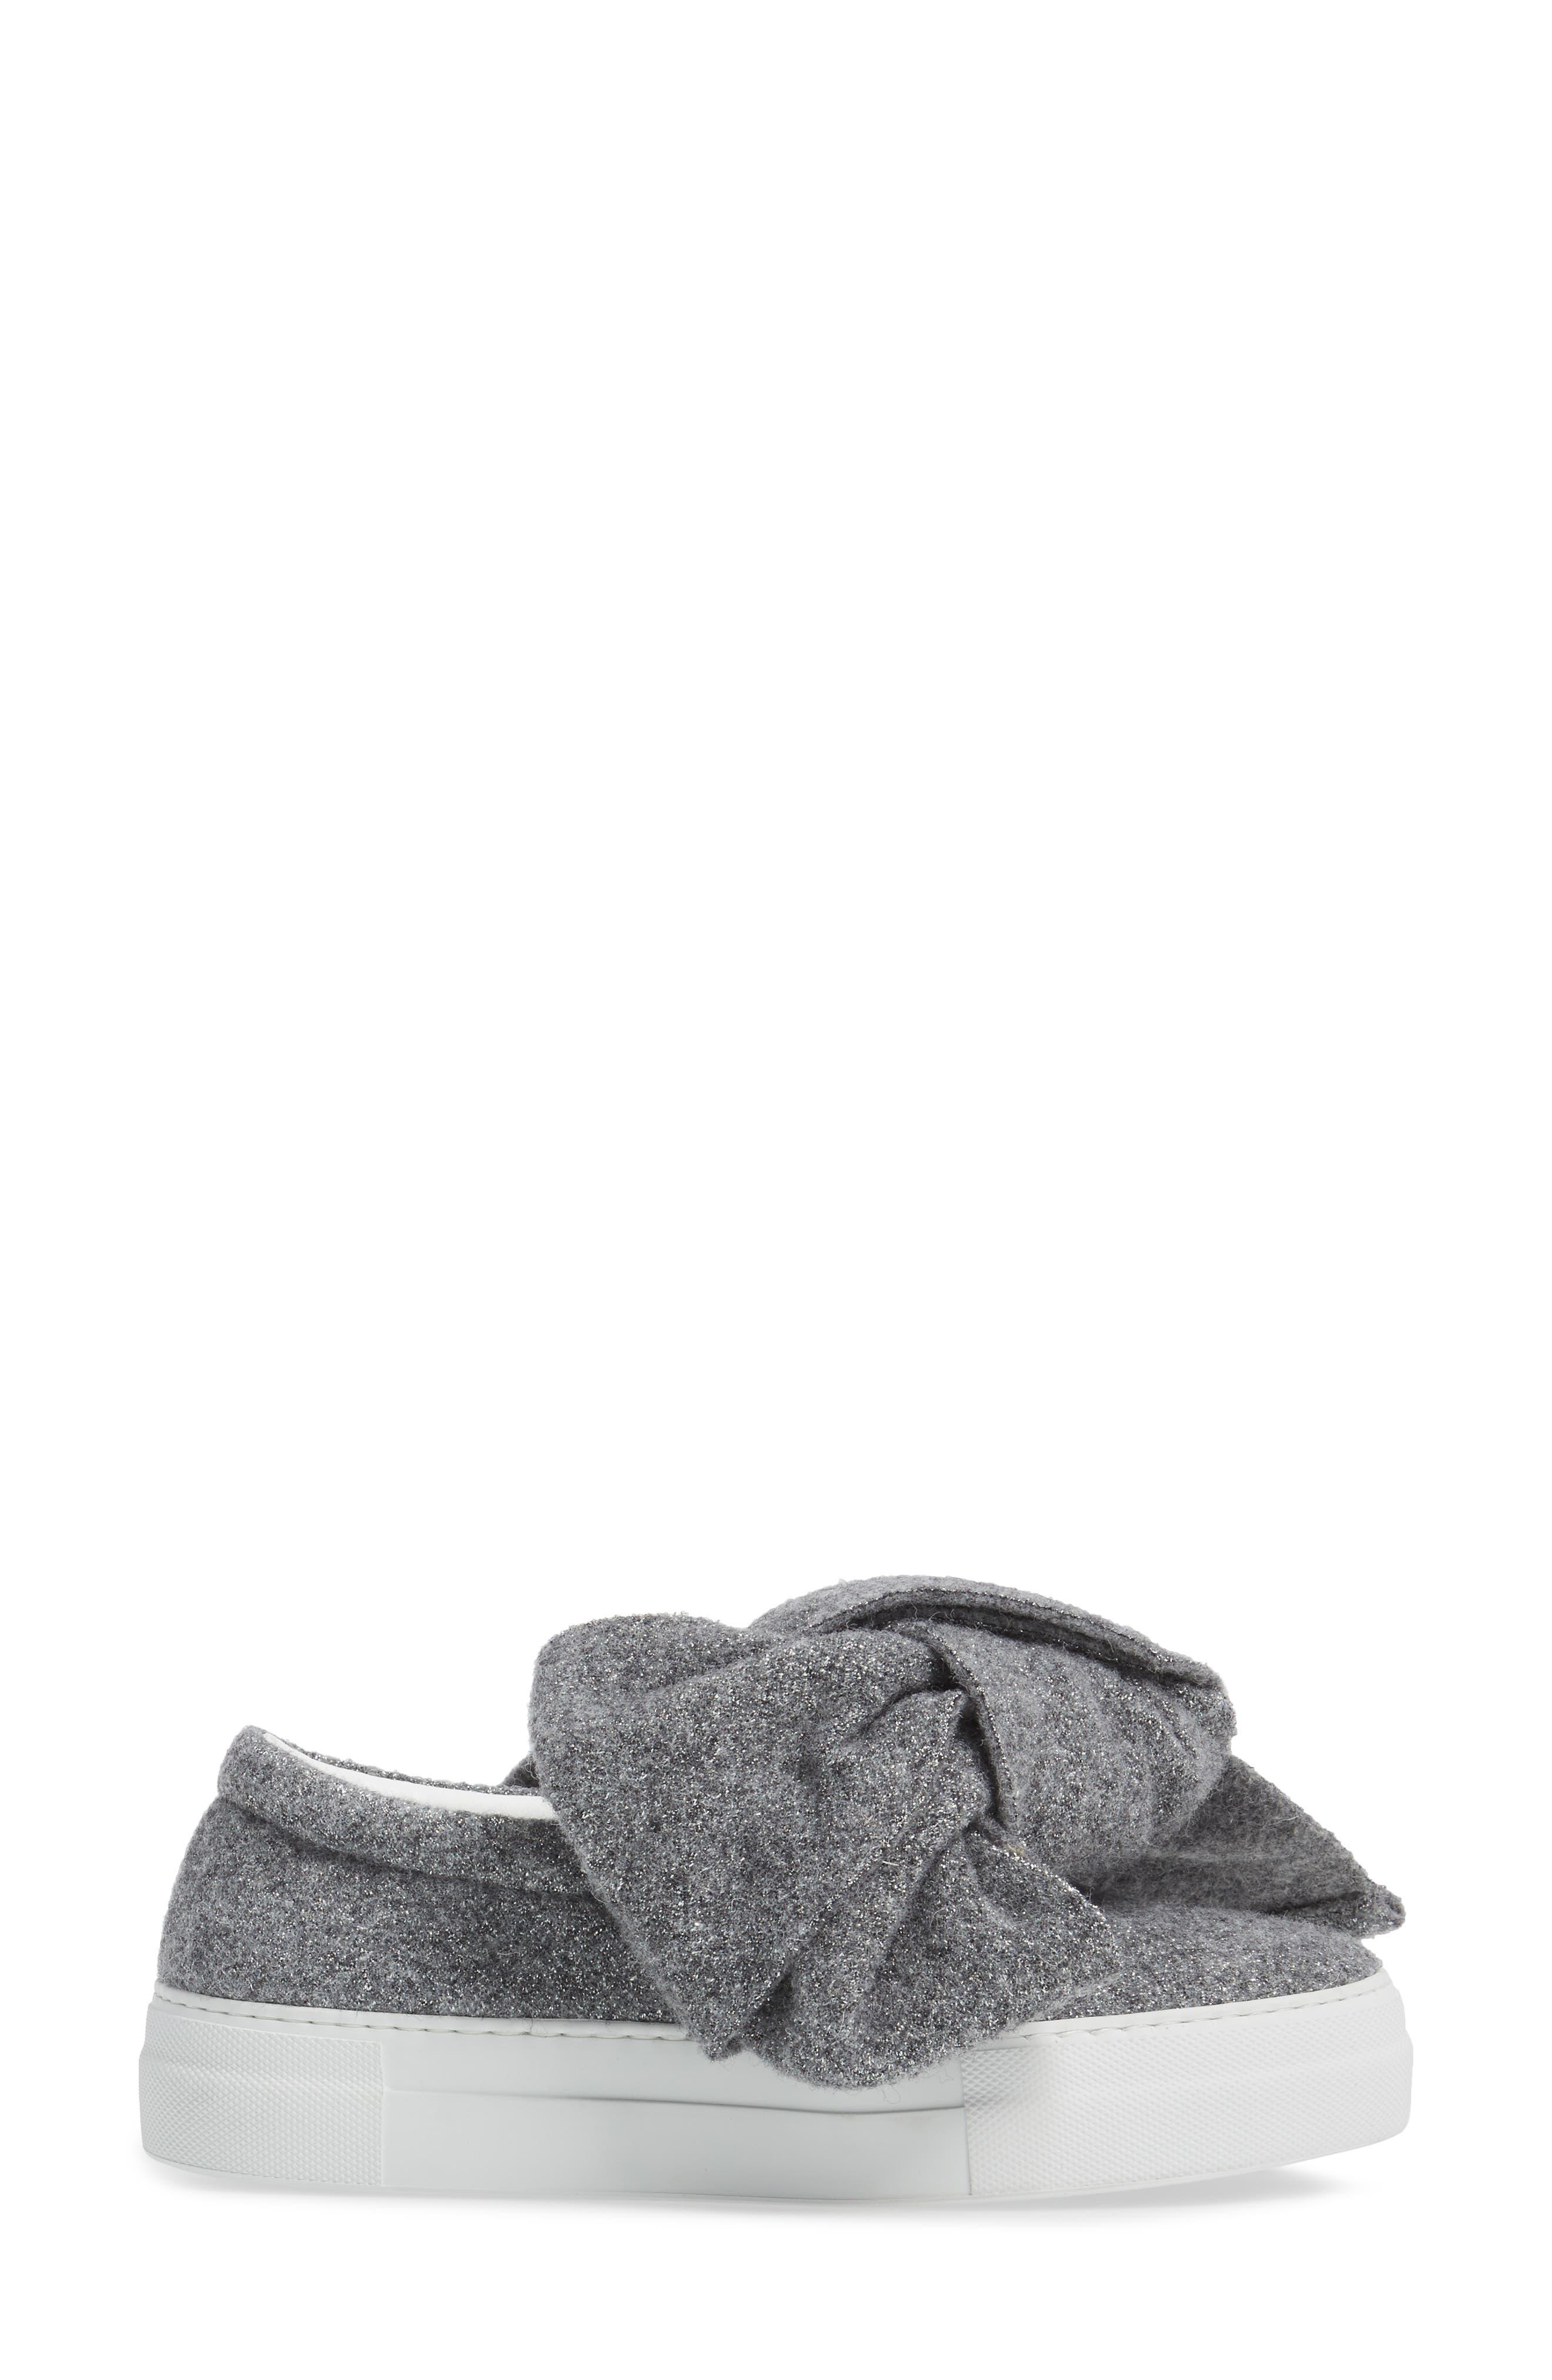 Bow Slip-On Sneaker,                             Alternate thumbnail 3, color,                             Grey Lurex Felt